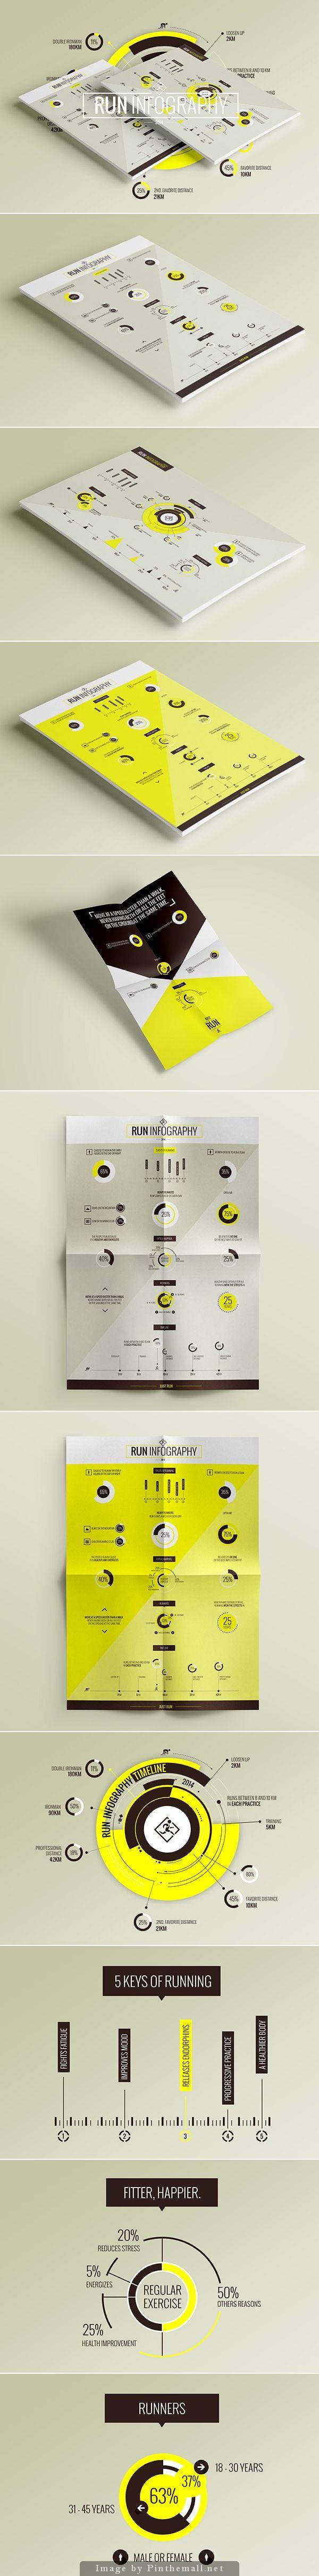 1e0ddef46510eb5d0538cdfd6e5a2daa--data-sheets-data-visualization Luxe De Table Basse Montagne Concept